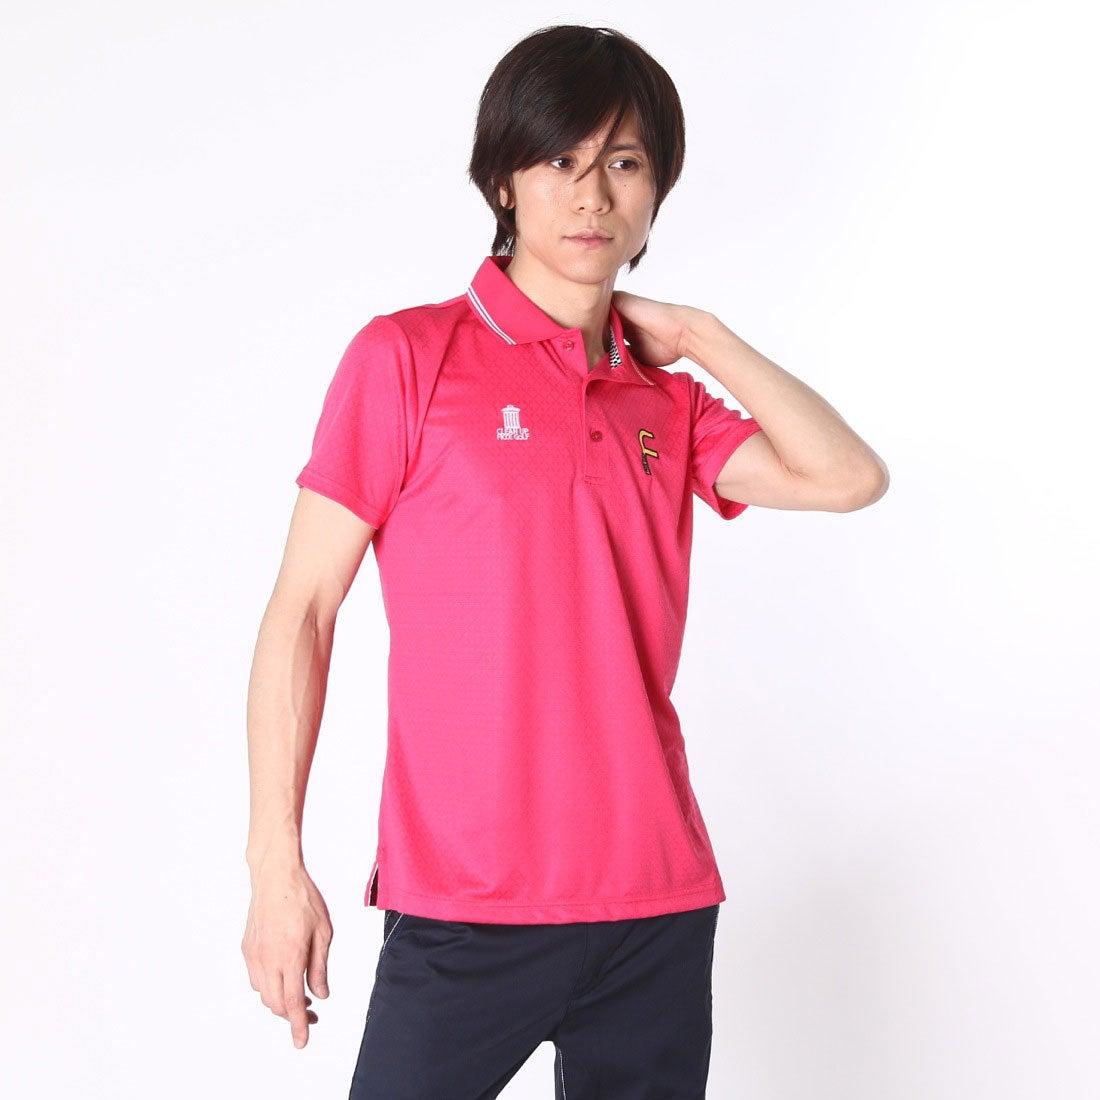 【SALE 81%OFF】【アウトレット】フィッチェ ゴルフ FICCE GOLF ゴルフシャツ 小紋柄ジャガードポロ 261101 メンズ